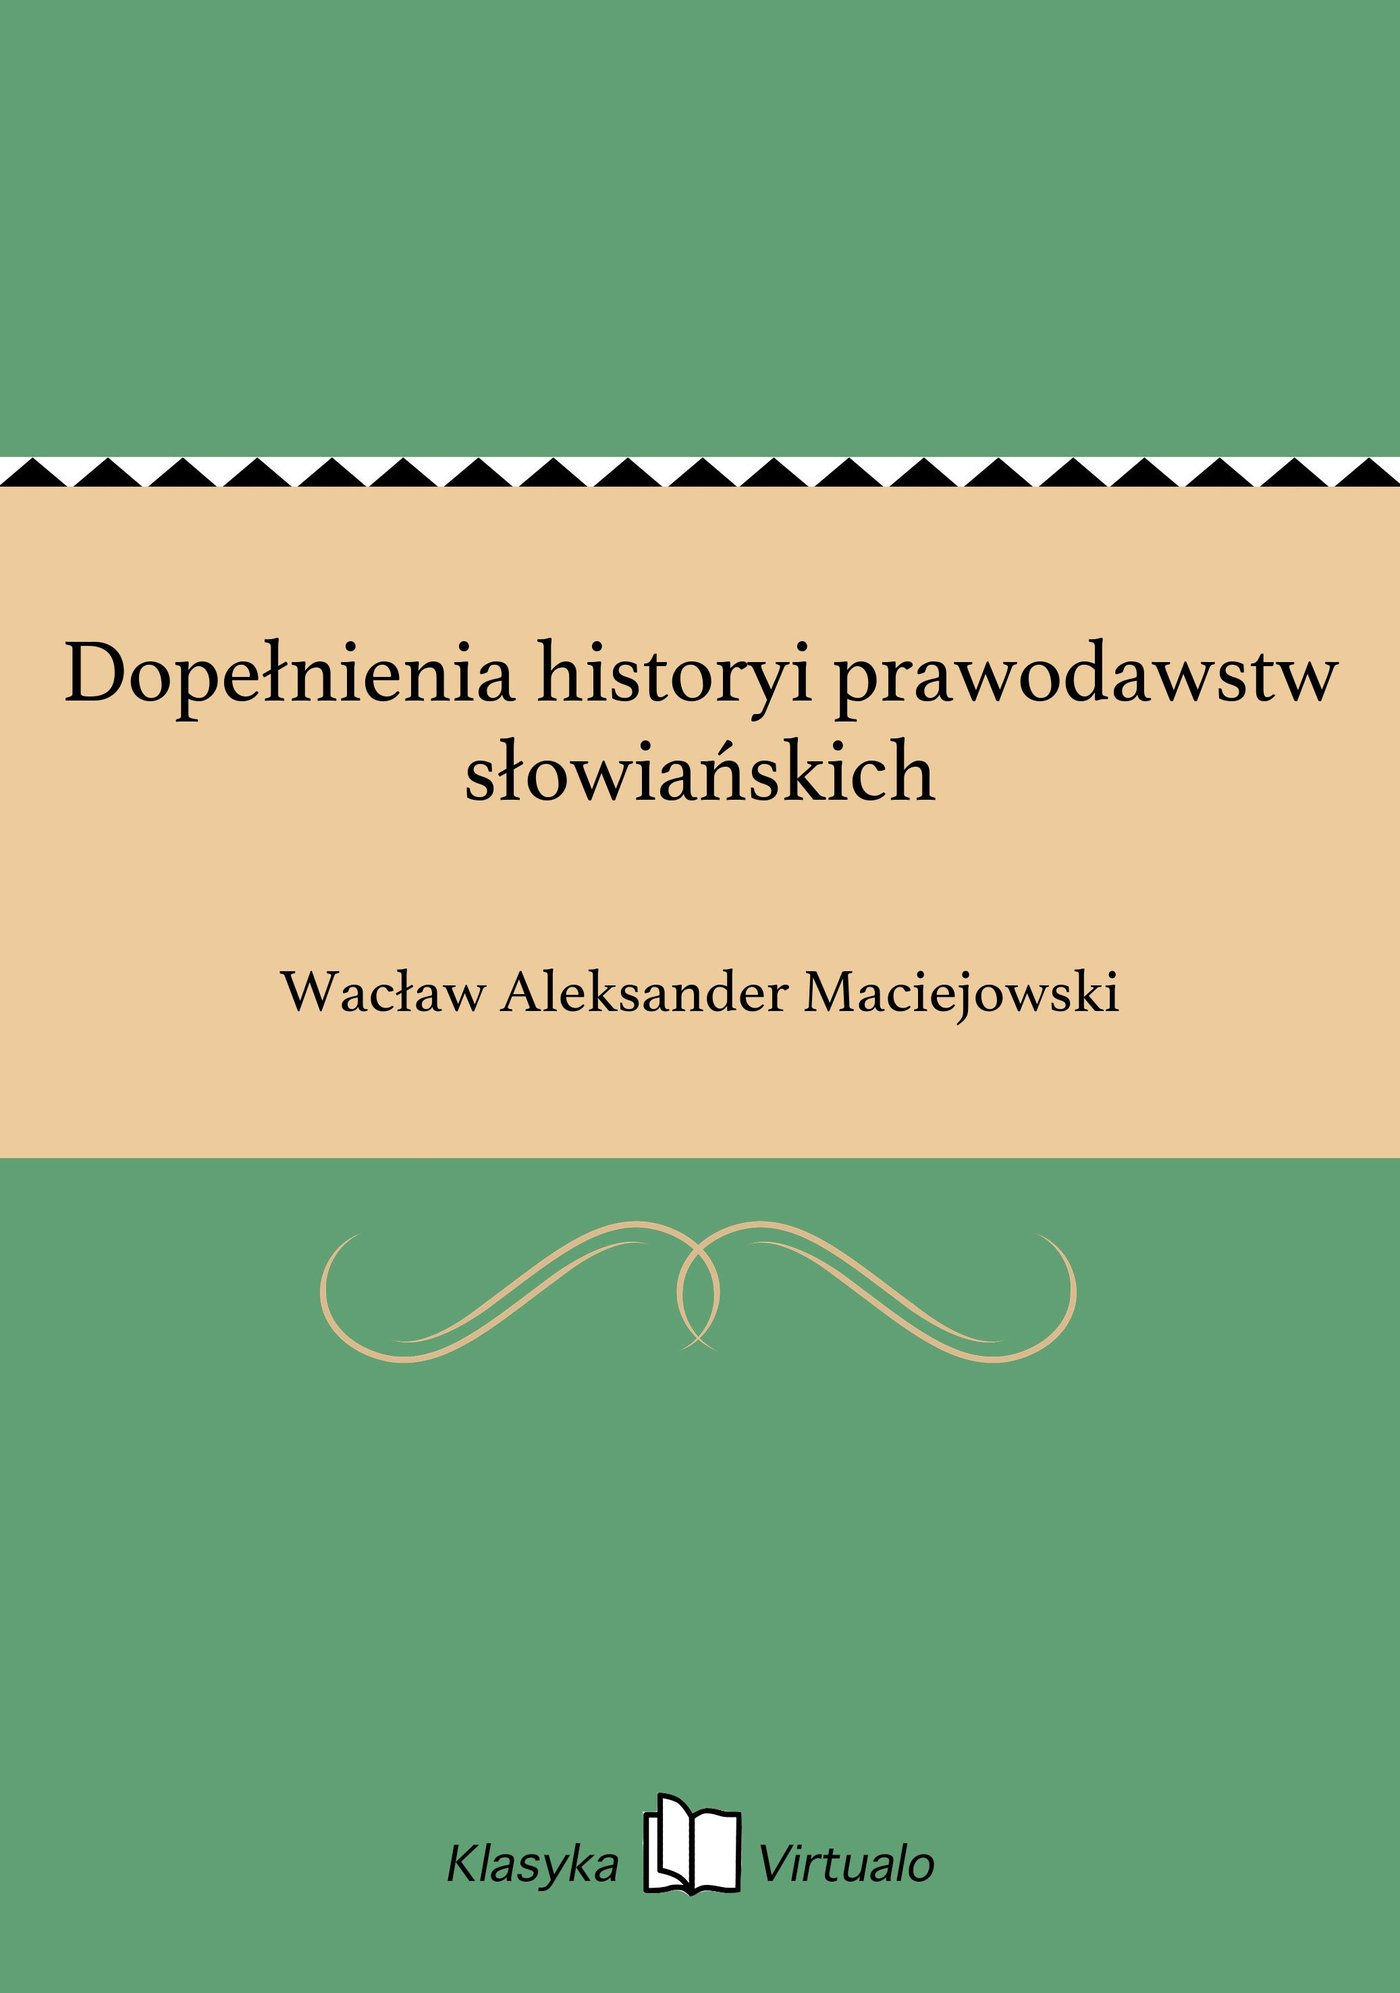 Dopełnienia historyi prawodawstw słowiańskich - Ebook (Książka EPUB) do pobrania w formacie EPUB